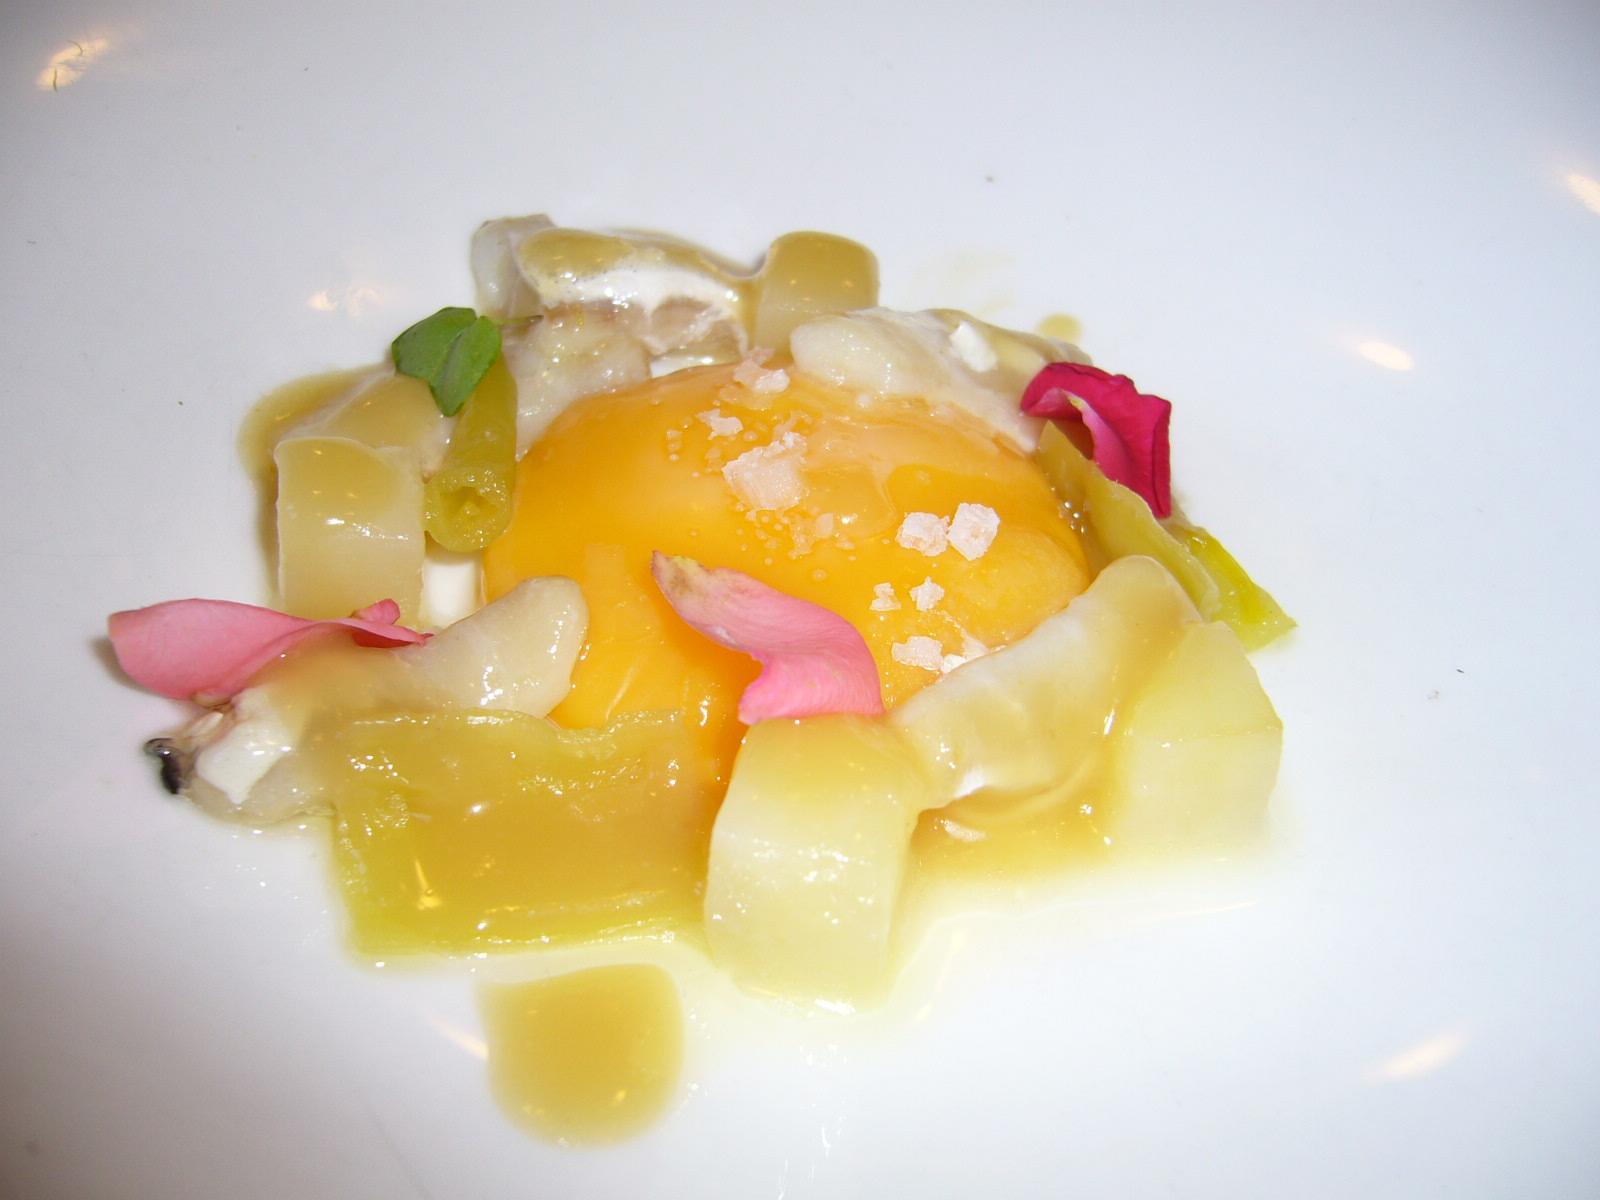 El Bohío Huevo con cocochas, patatas y piparras